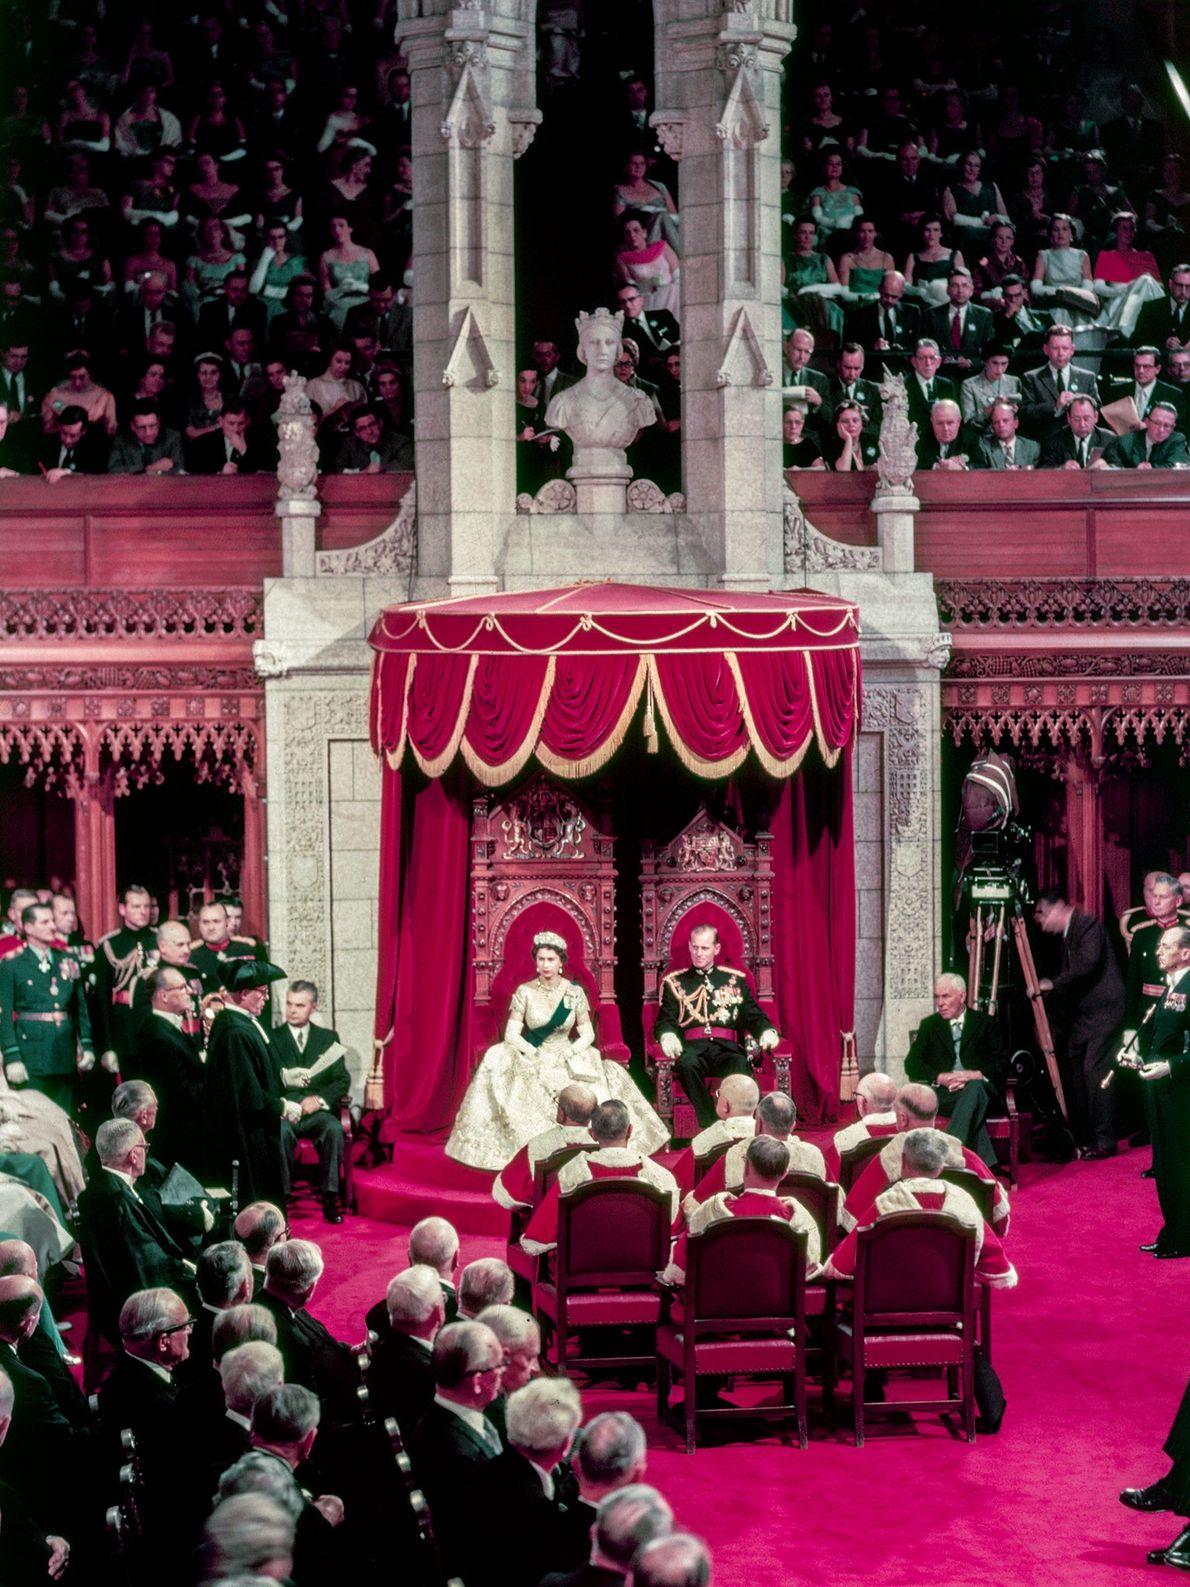 Königin Elisabeth II. eröffnet eine kanadische Parlamentssitzung in Ontario mit Prinz Philip an ihrer Seite. Die ...